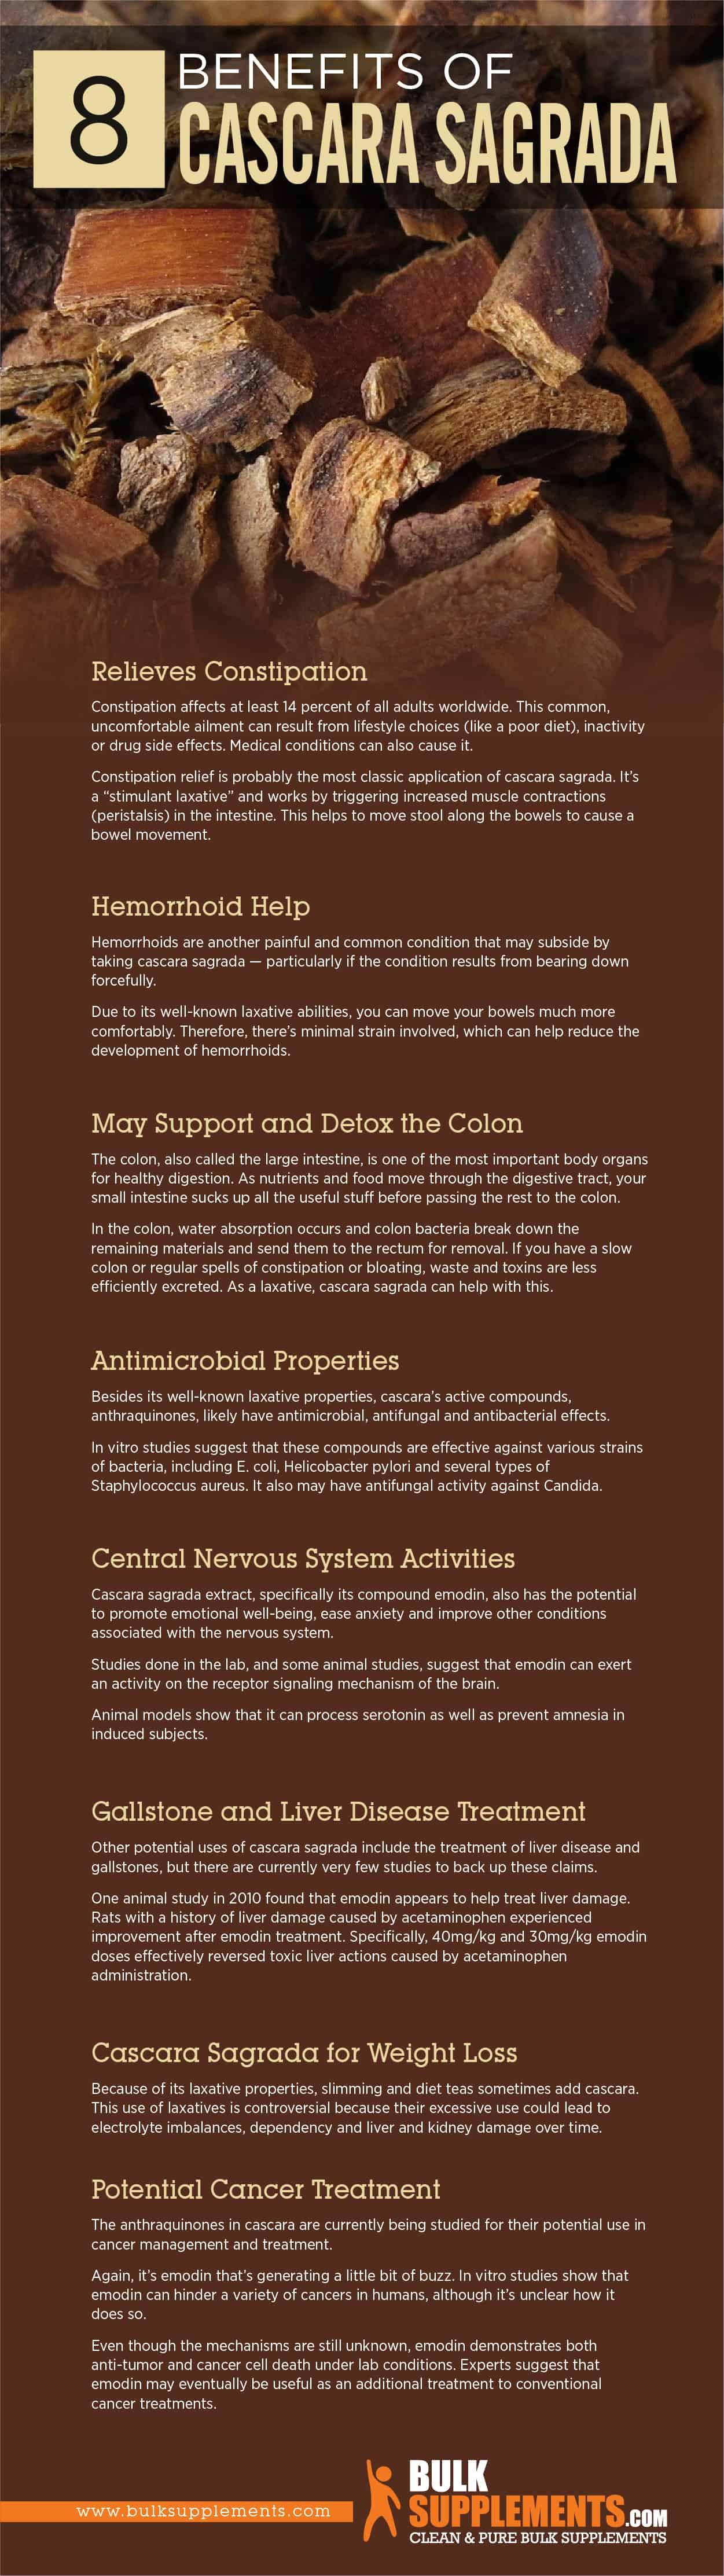 Cascara Sagrada Benefits